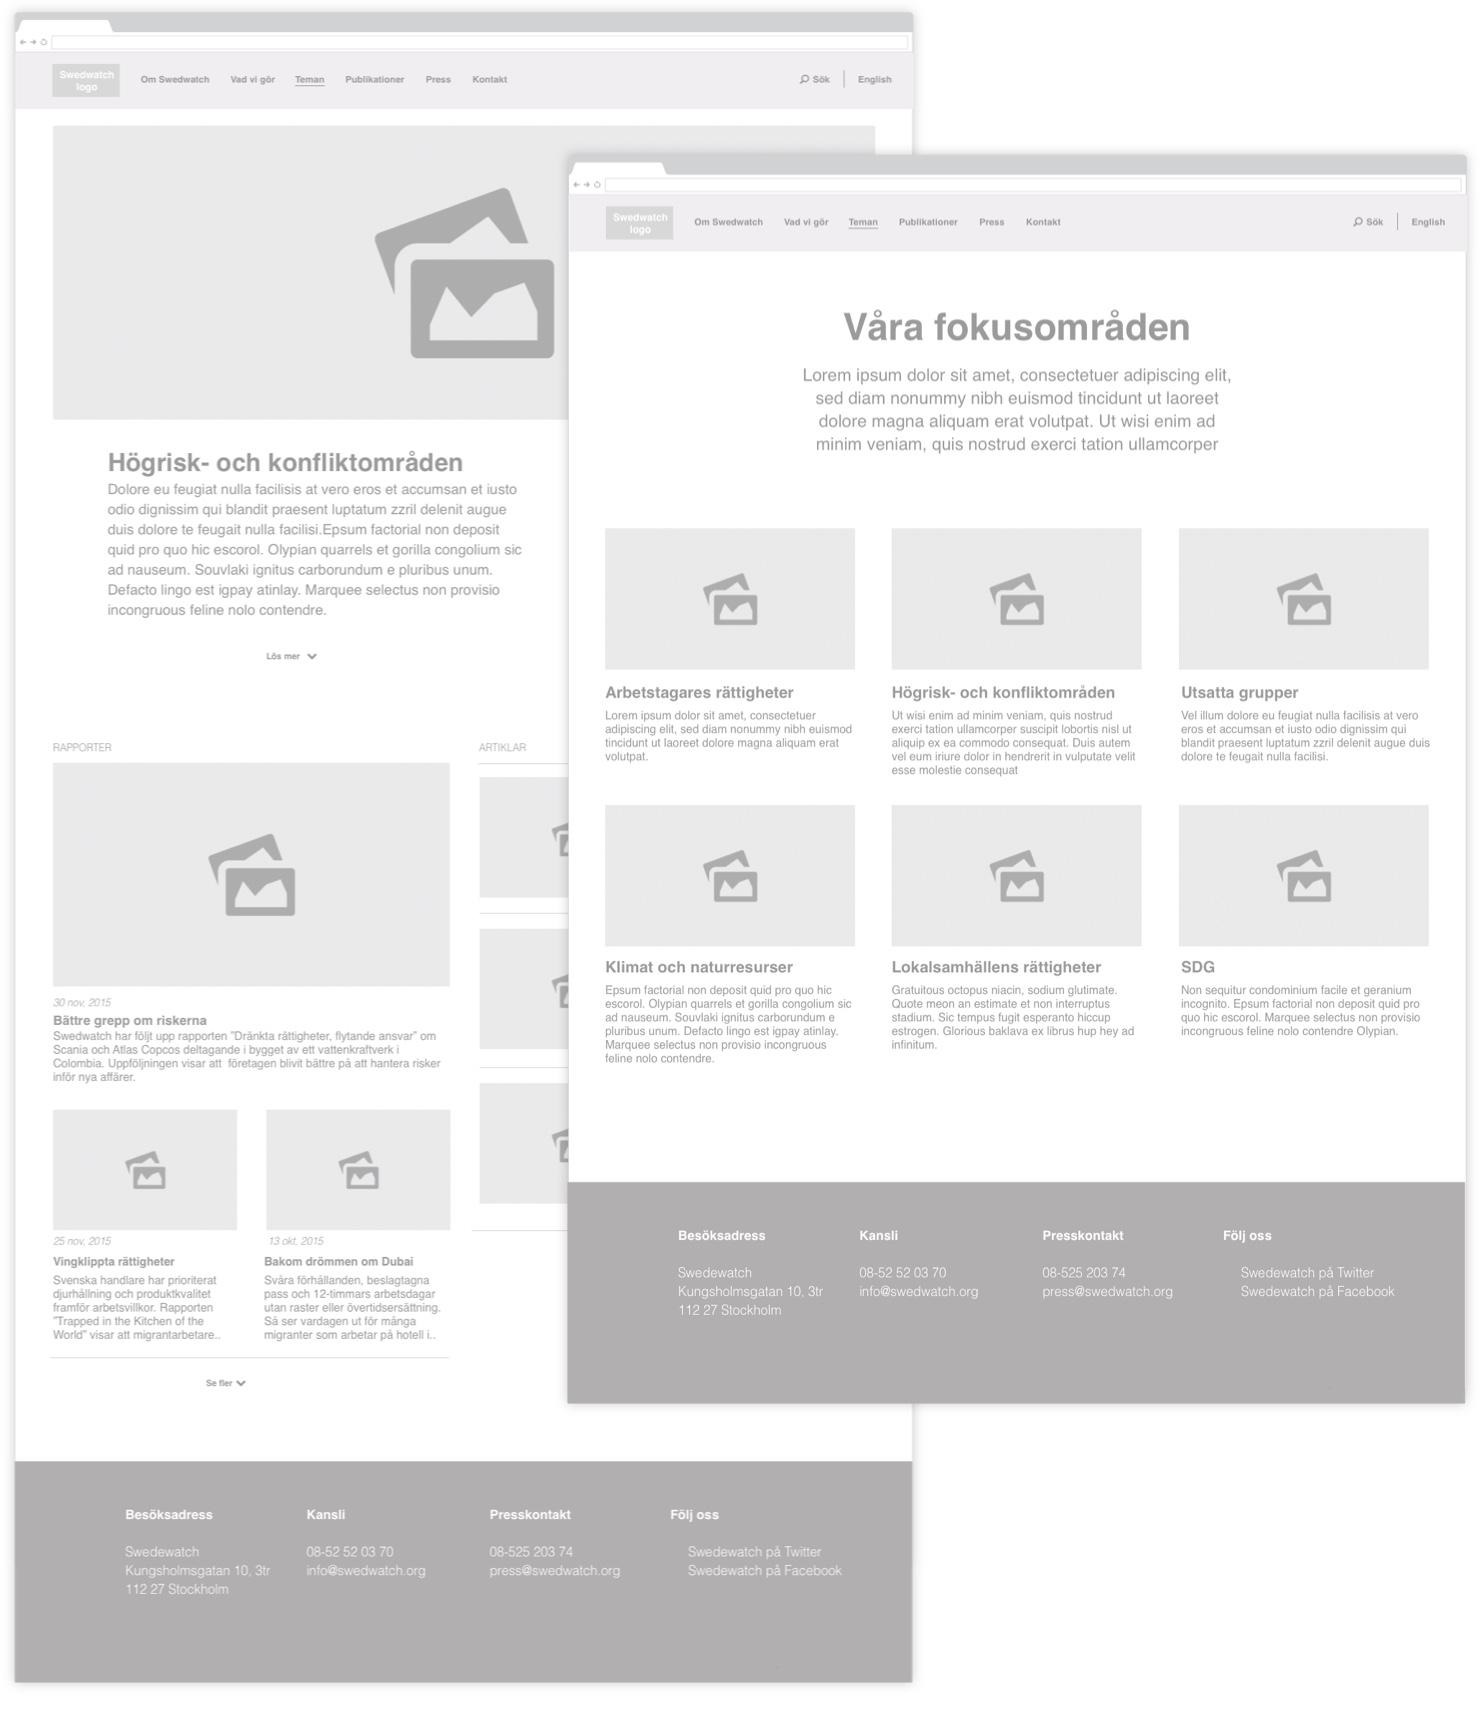 Swedwatch webbplats - fokusområden